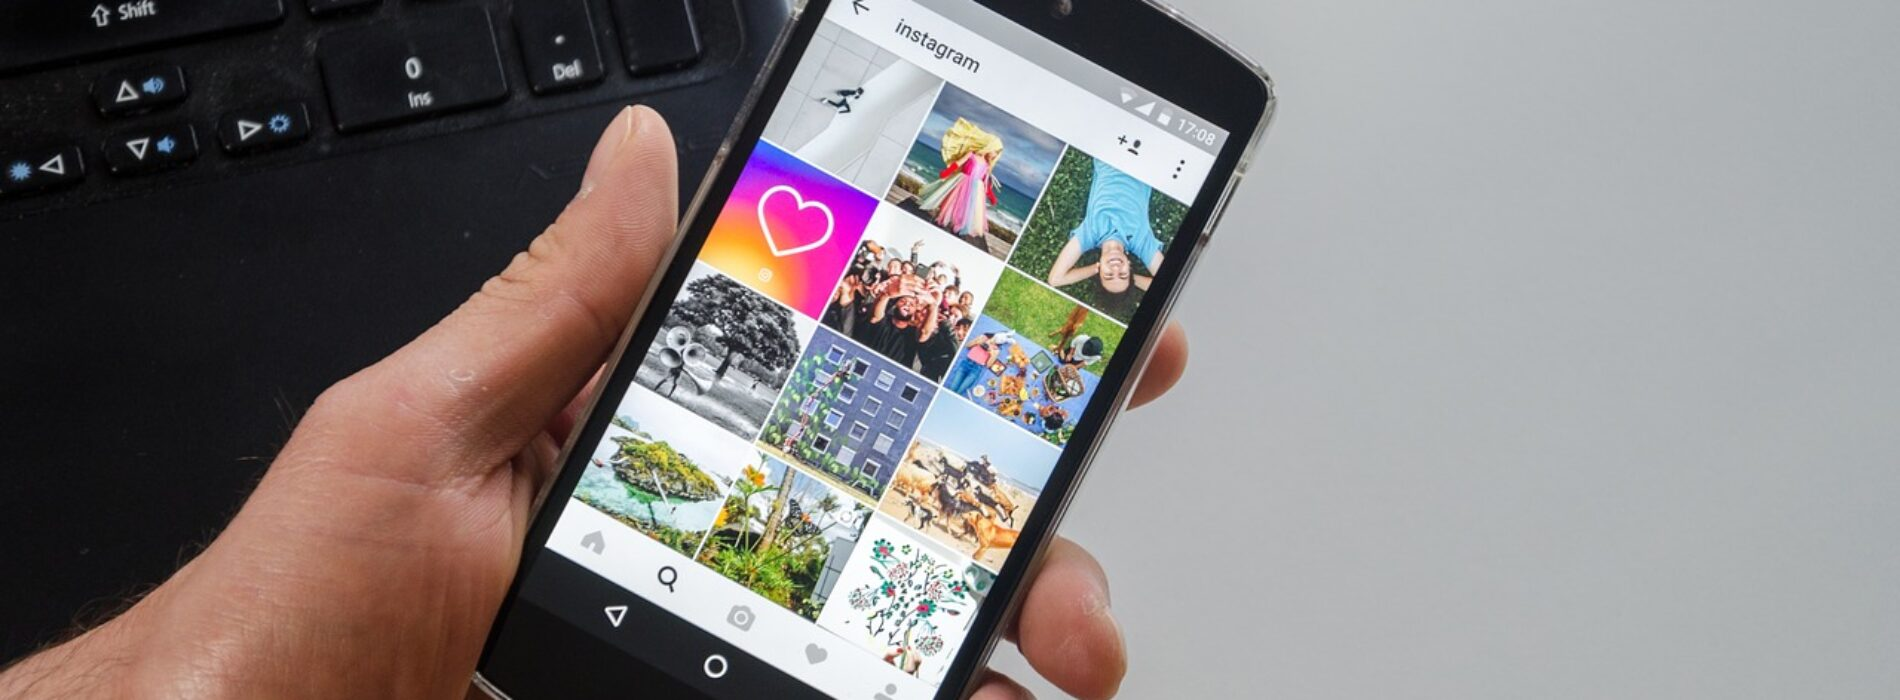 Instagram powinien być bardziej prawdziwy, bo granica pomiędzy realnym a przerobionym zdjęciem się zaciera